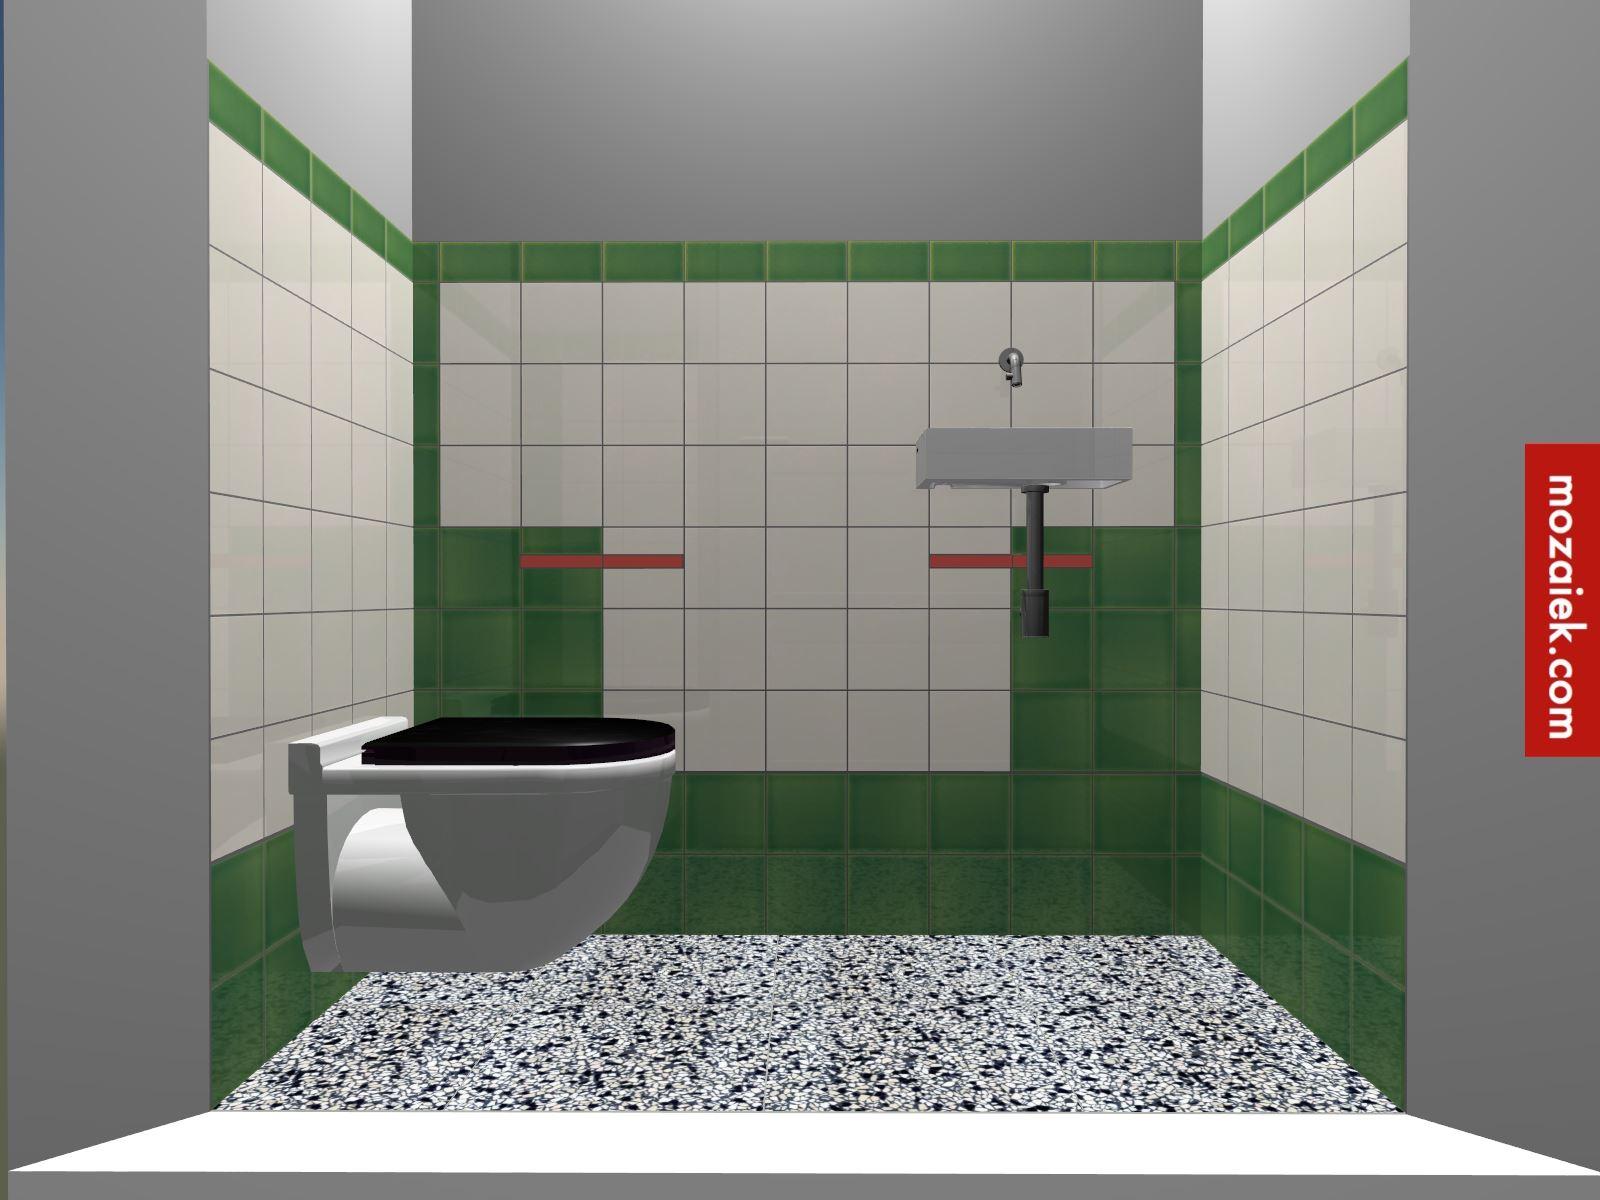 Ongekend tegellambrisering in jaren 30 stijl en granito vloer Bathroom door FI-53